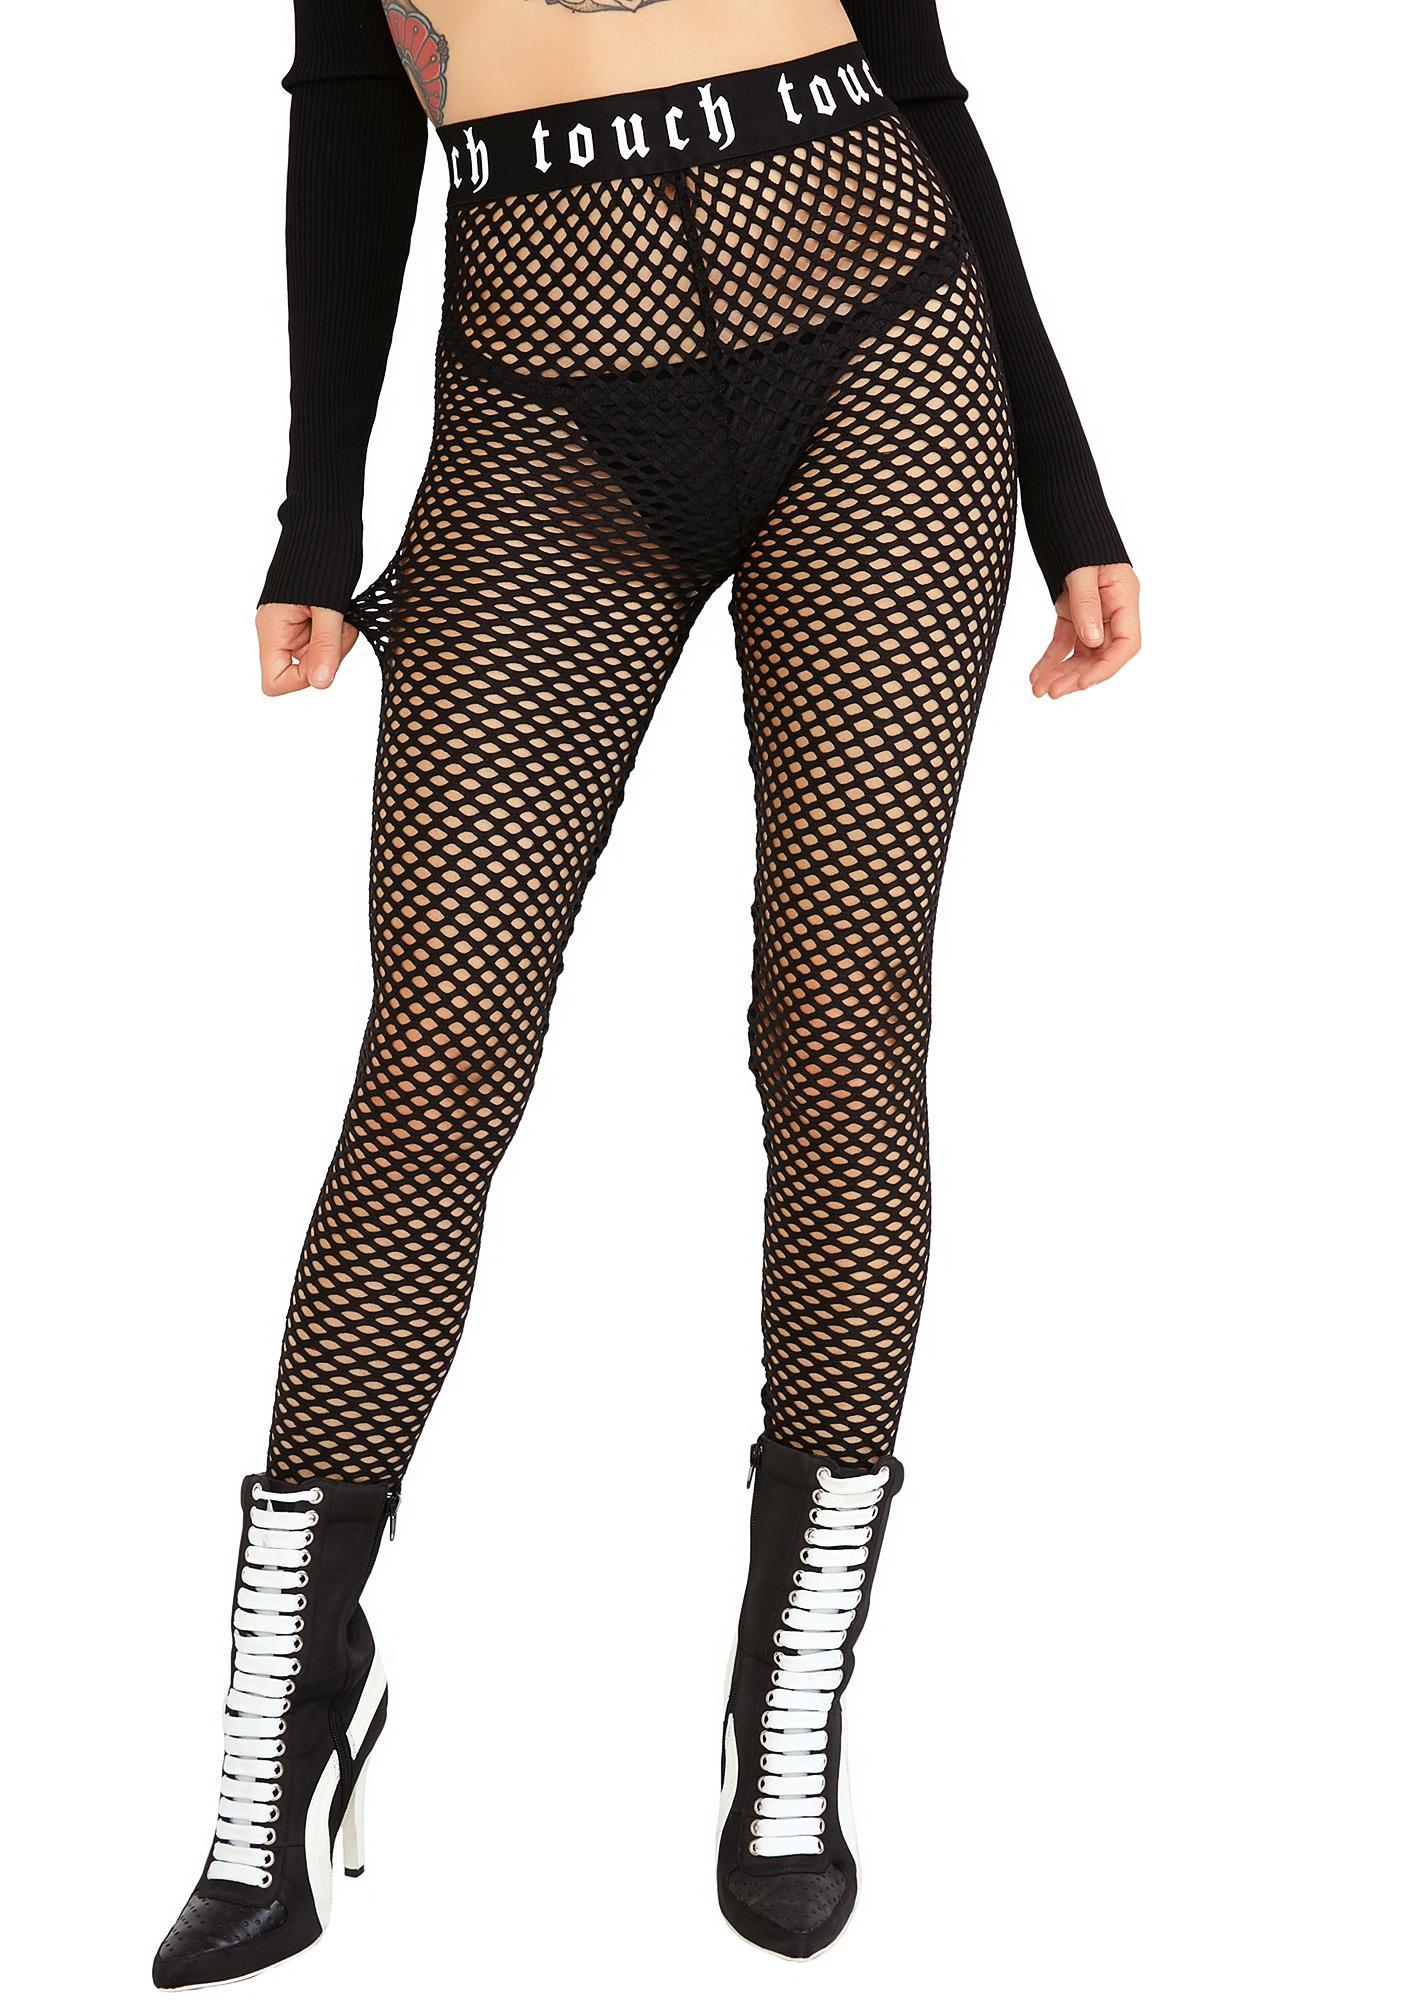 Fishnet Black Leggings | Dolls Kill